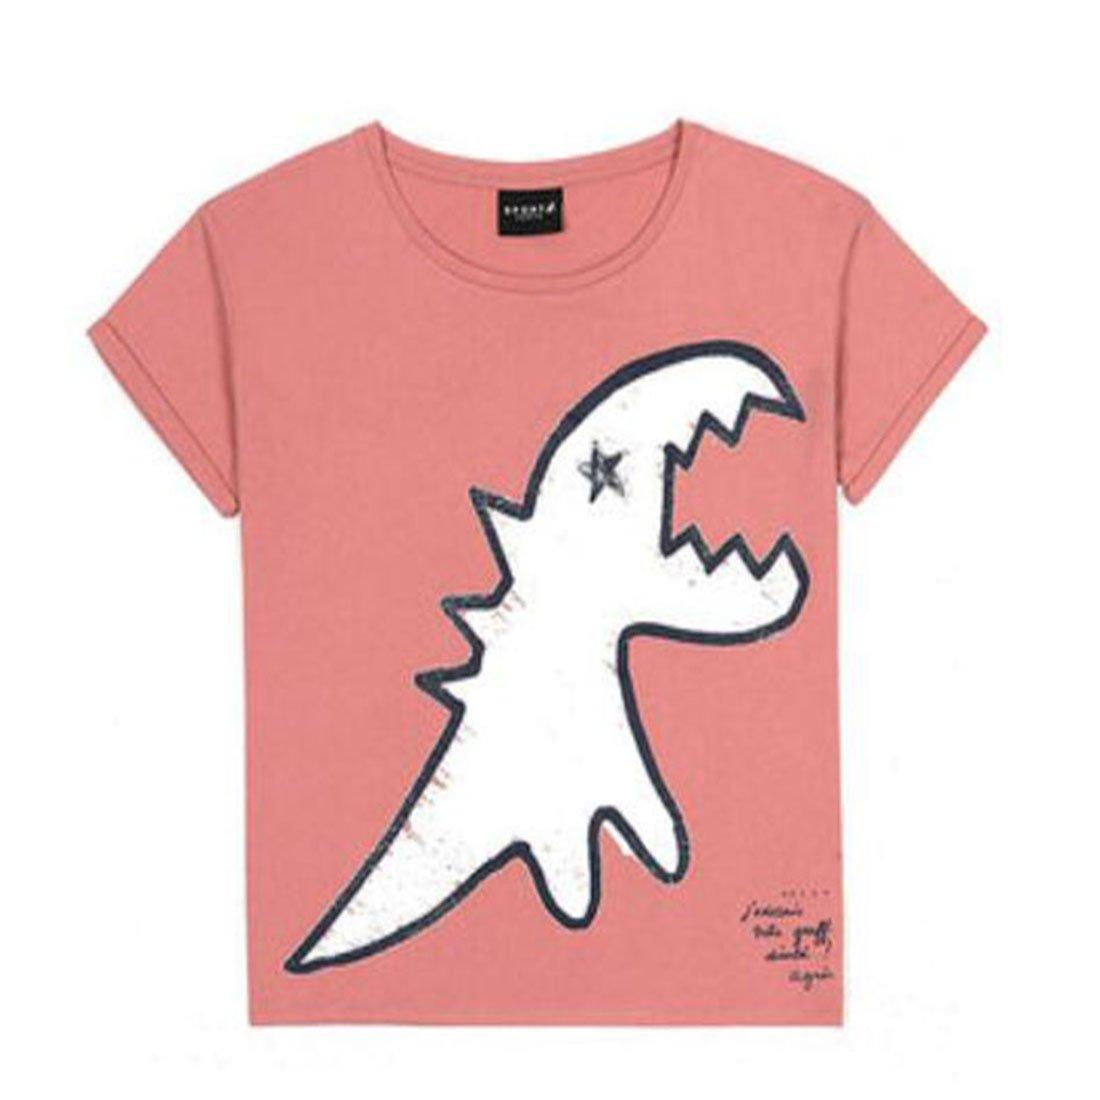 SPORT B.アニエスベー レディース Tシャツ 半袖 カットソー ロゴTシャツ HOMME コットン100%  agnes b. 黒 白 ショップバッグ付き B07CRBHQY8  ピンク L